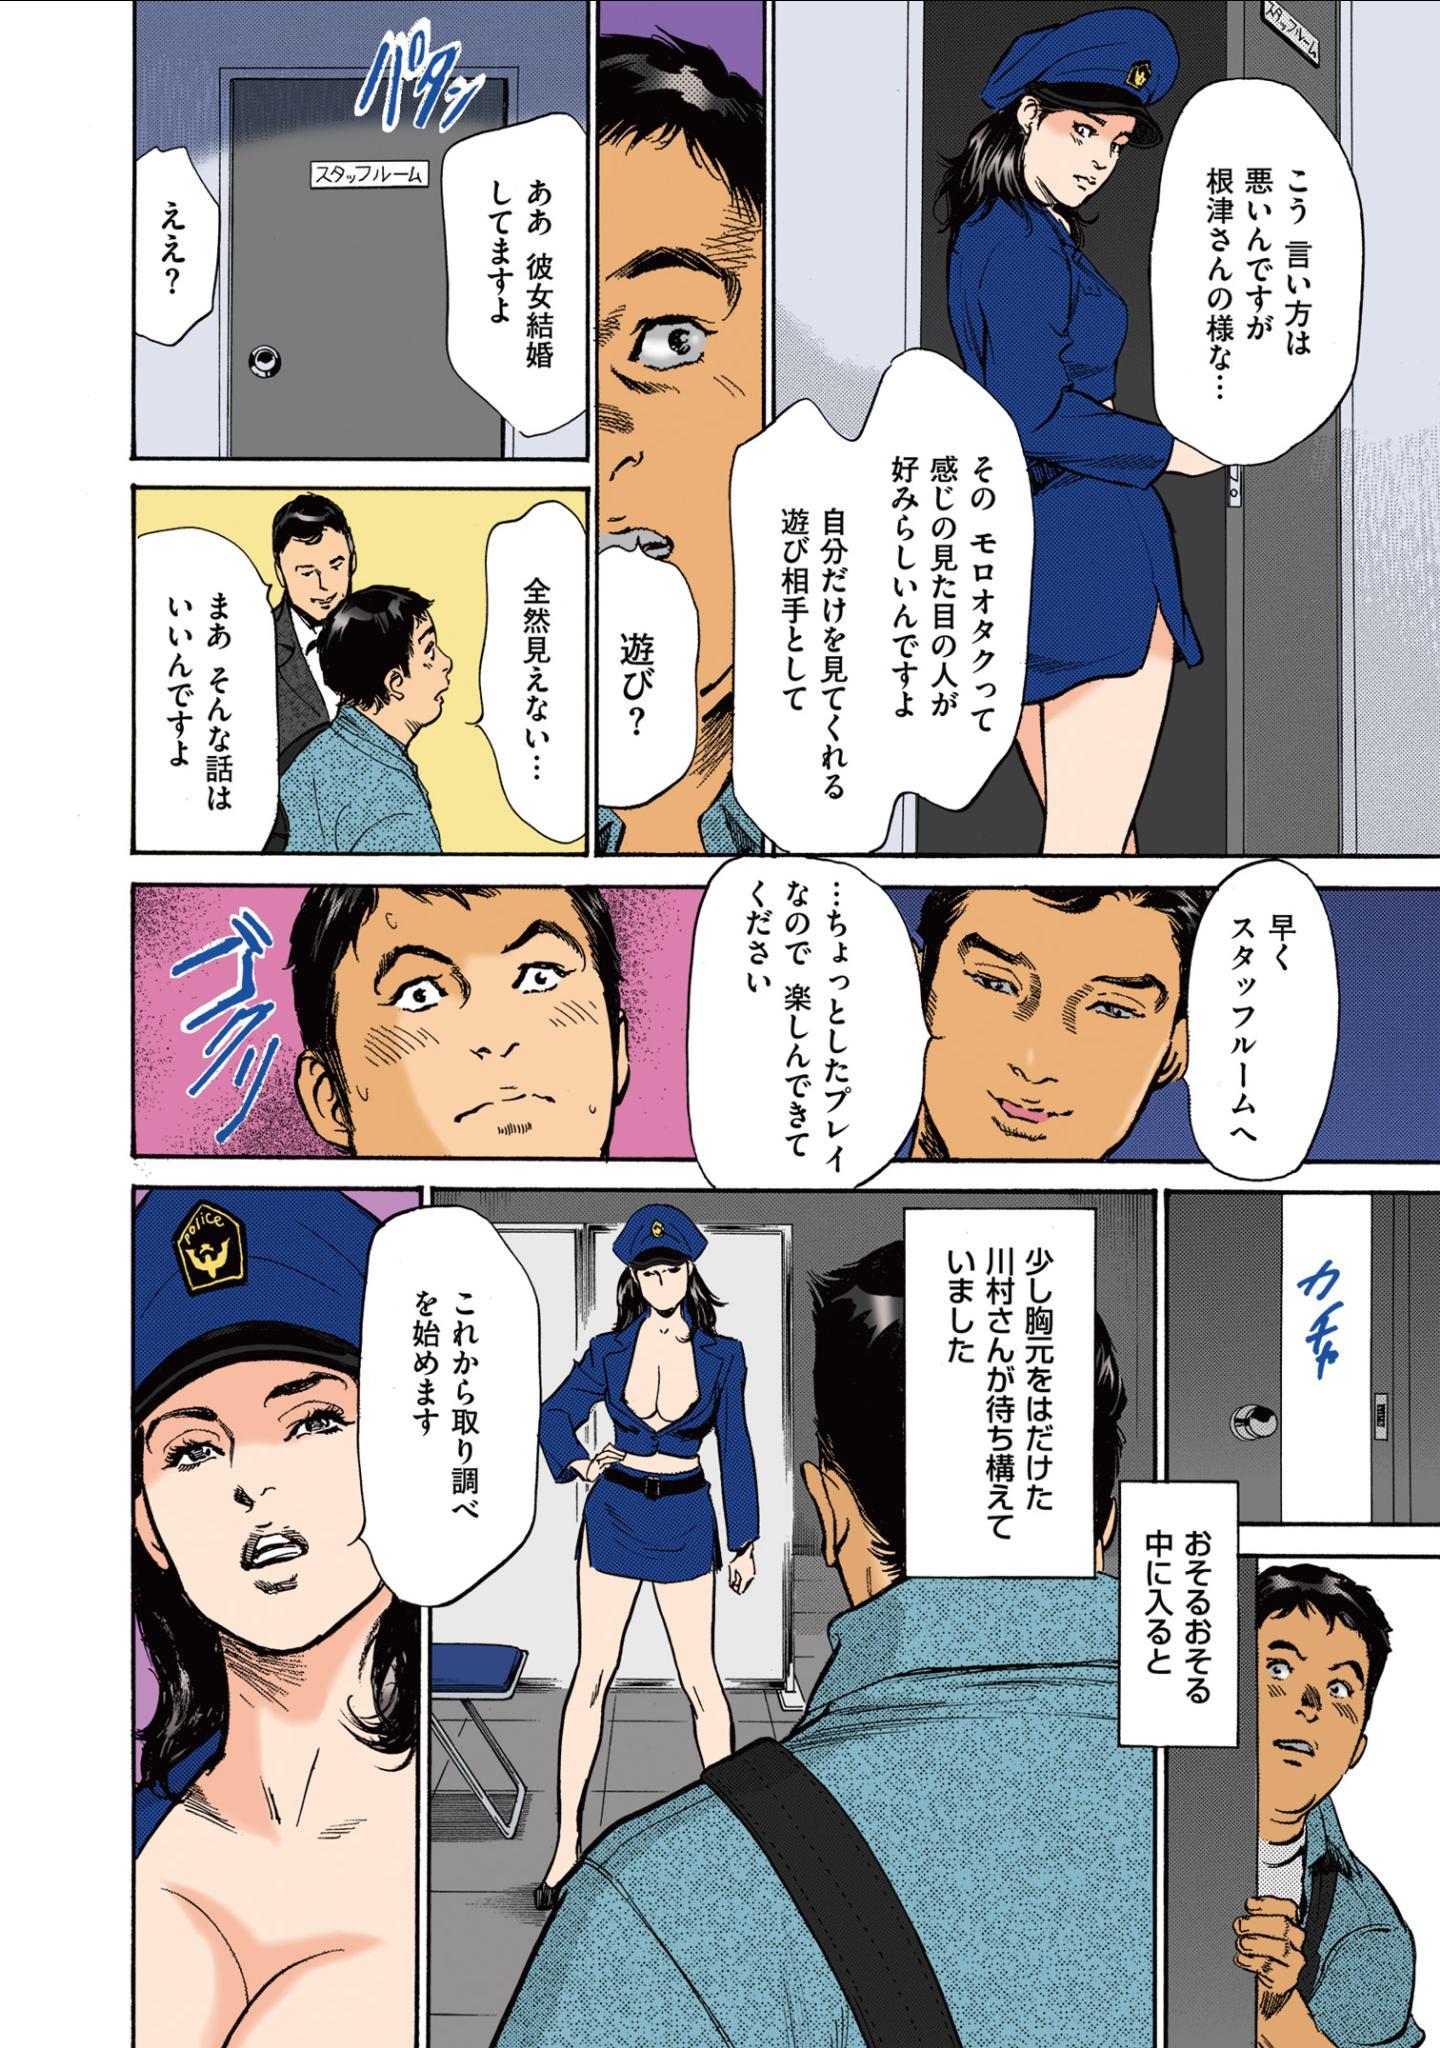 [Hazuki Kaoru] Hazuki Kaoru no Tamaranai Hanashi (Full Color Version) 1-2 57